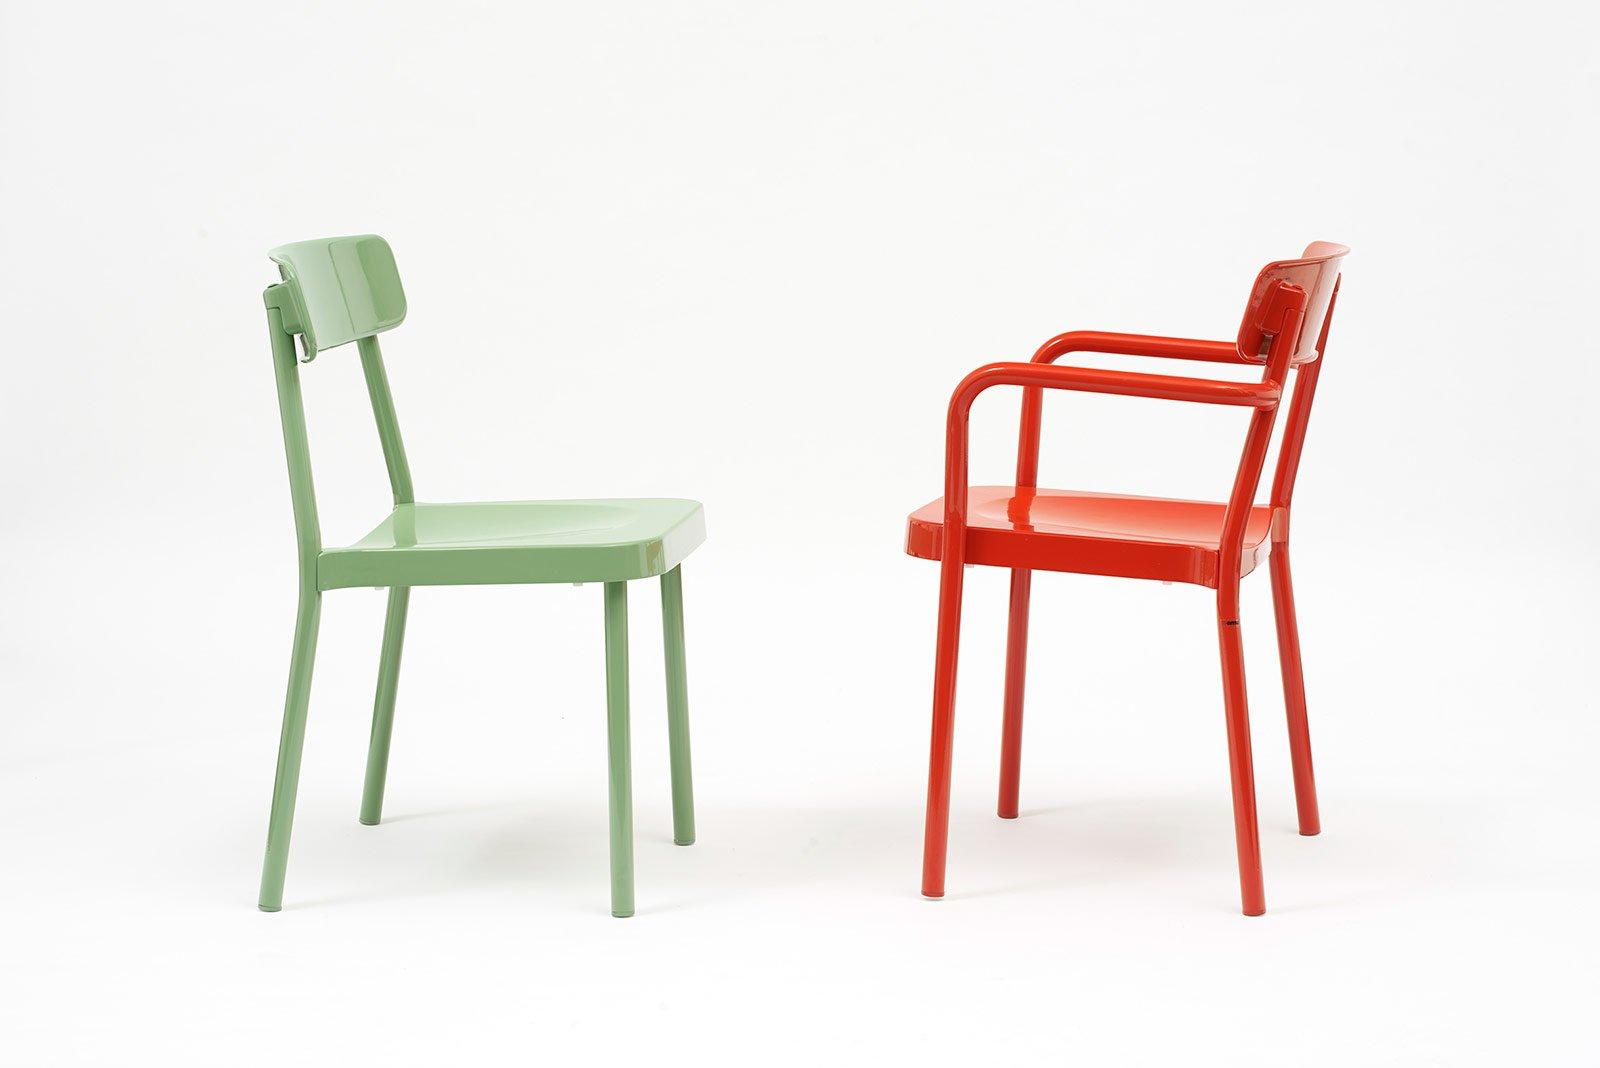 salone del mobile 2014: superfici lavorate o colorate per le sedie ... - Sedie Cucina Colorate